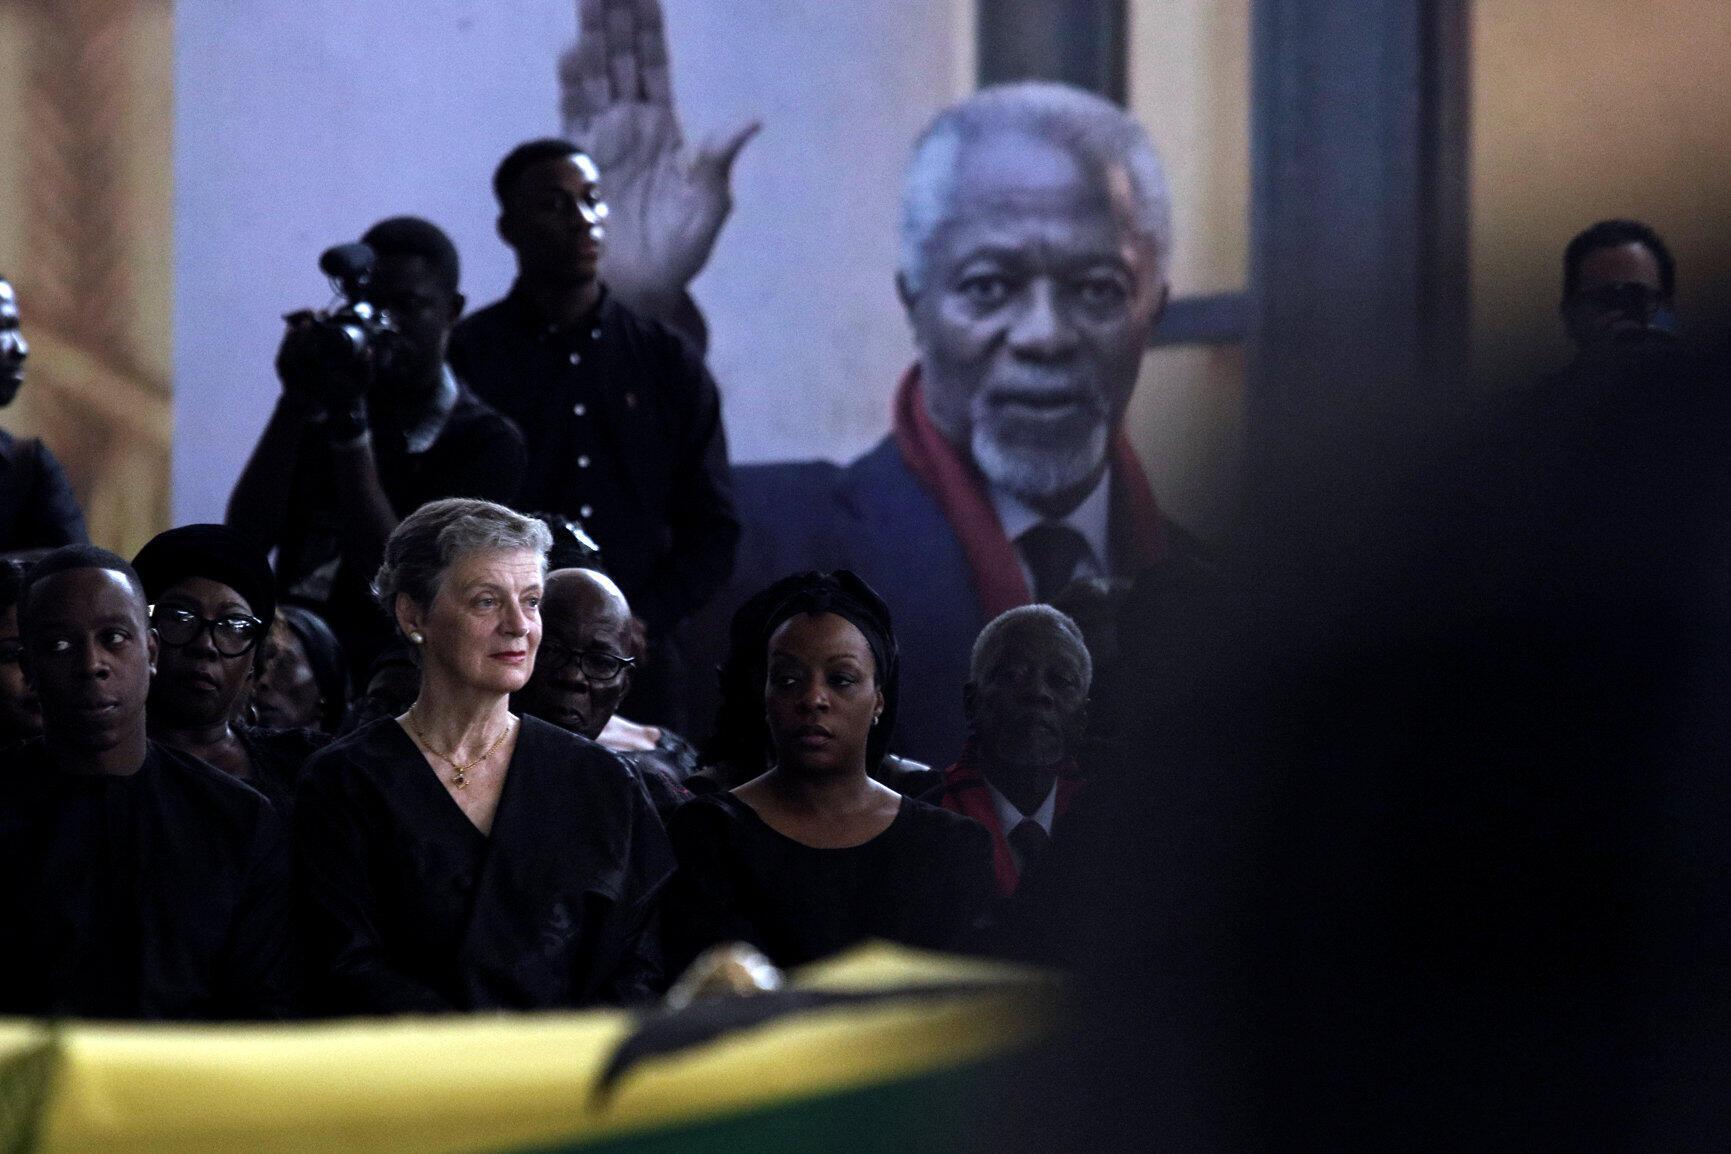 Nane Maria Annan, la femme de Koffi Annan lors des obsèques de l'ancien secrétaire des Nations unies, le 12 septembre 2018 à Accra au Ghana.